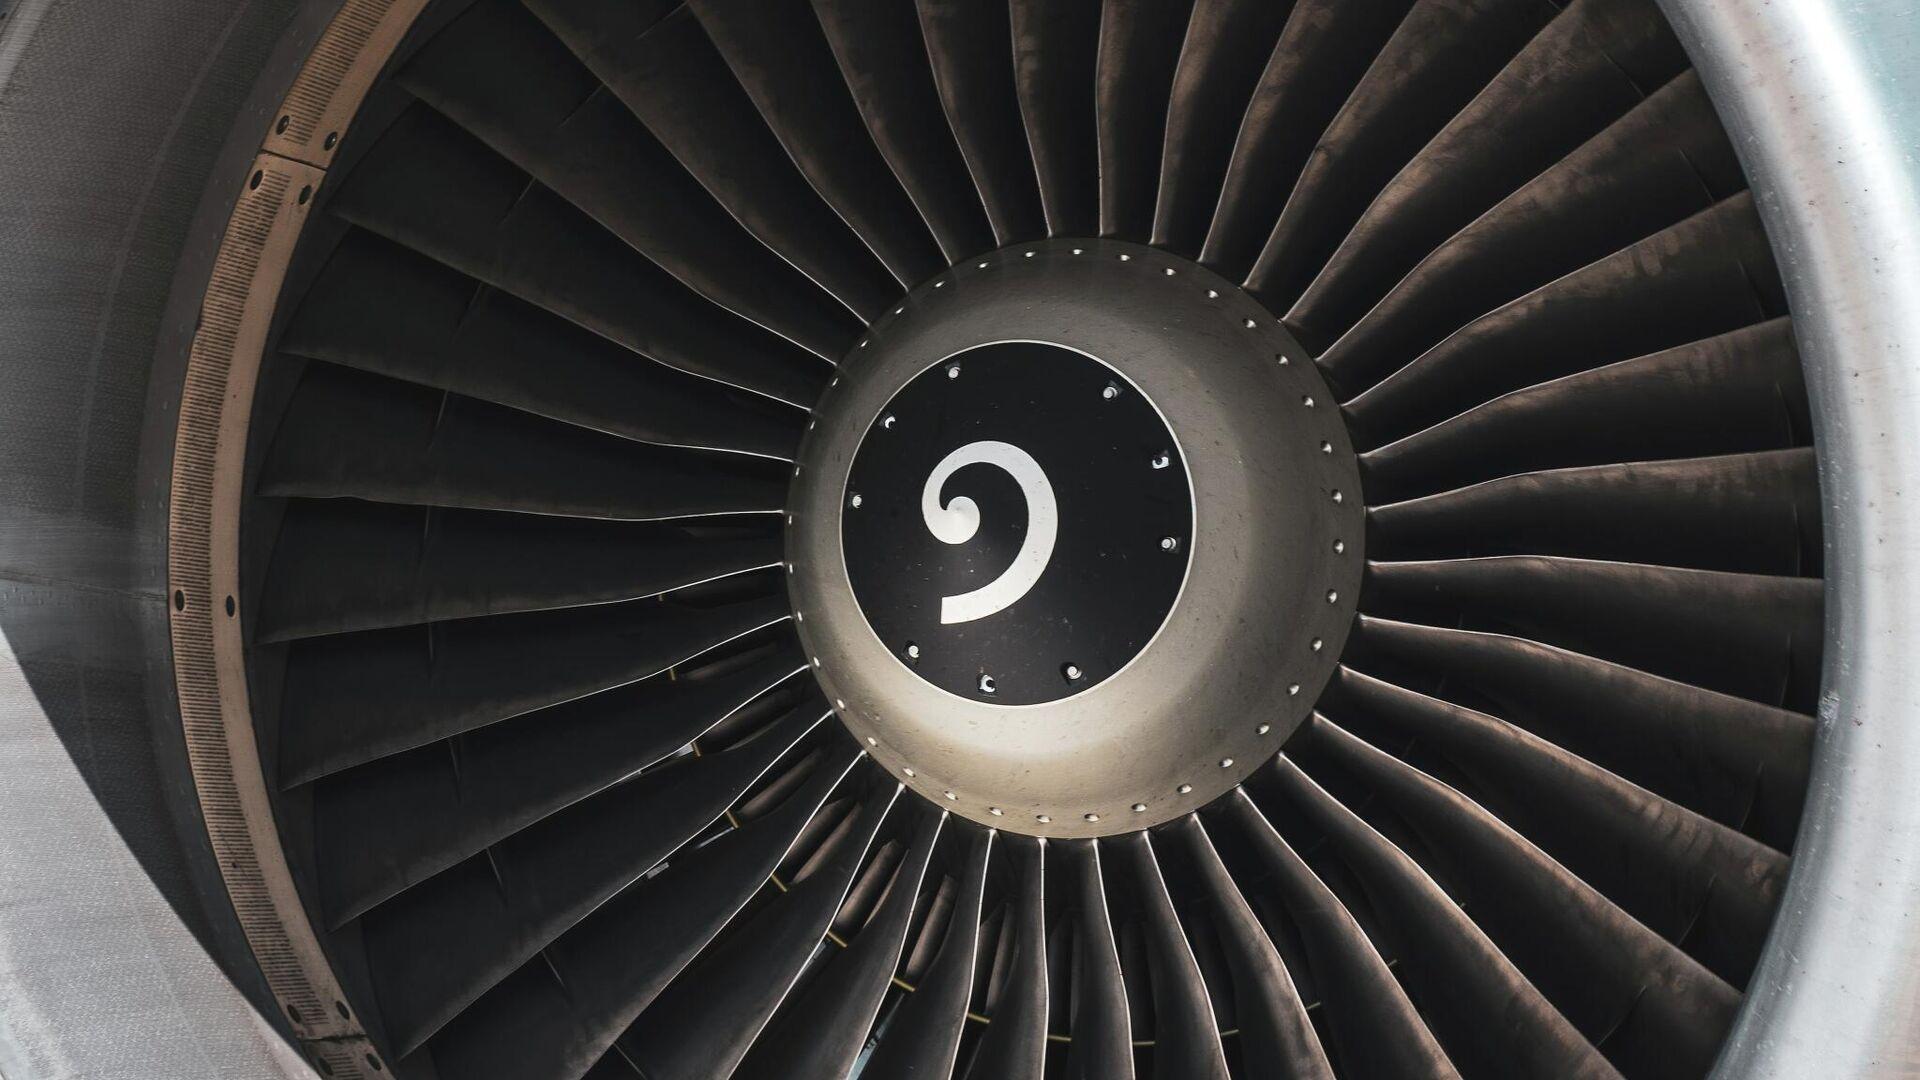 El motor de un avión - Sputnik Mundo, 1920, 26.04.2021